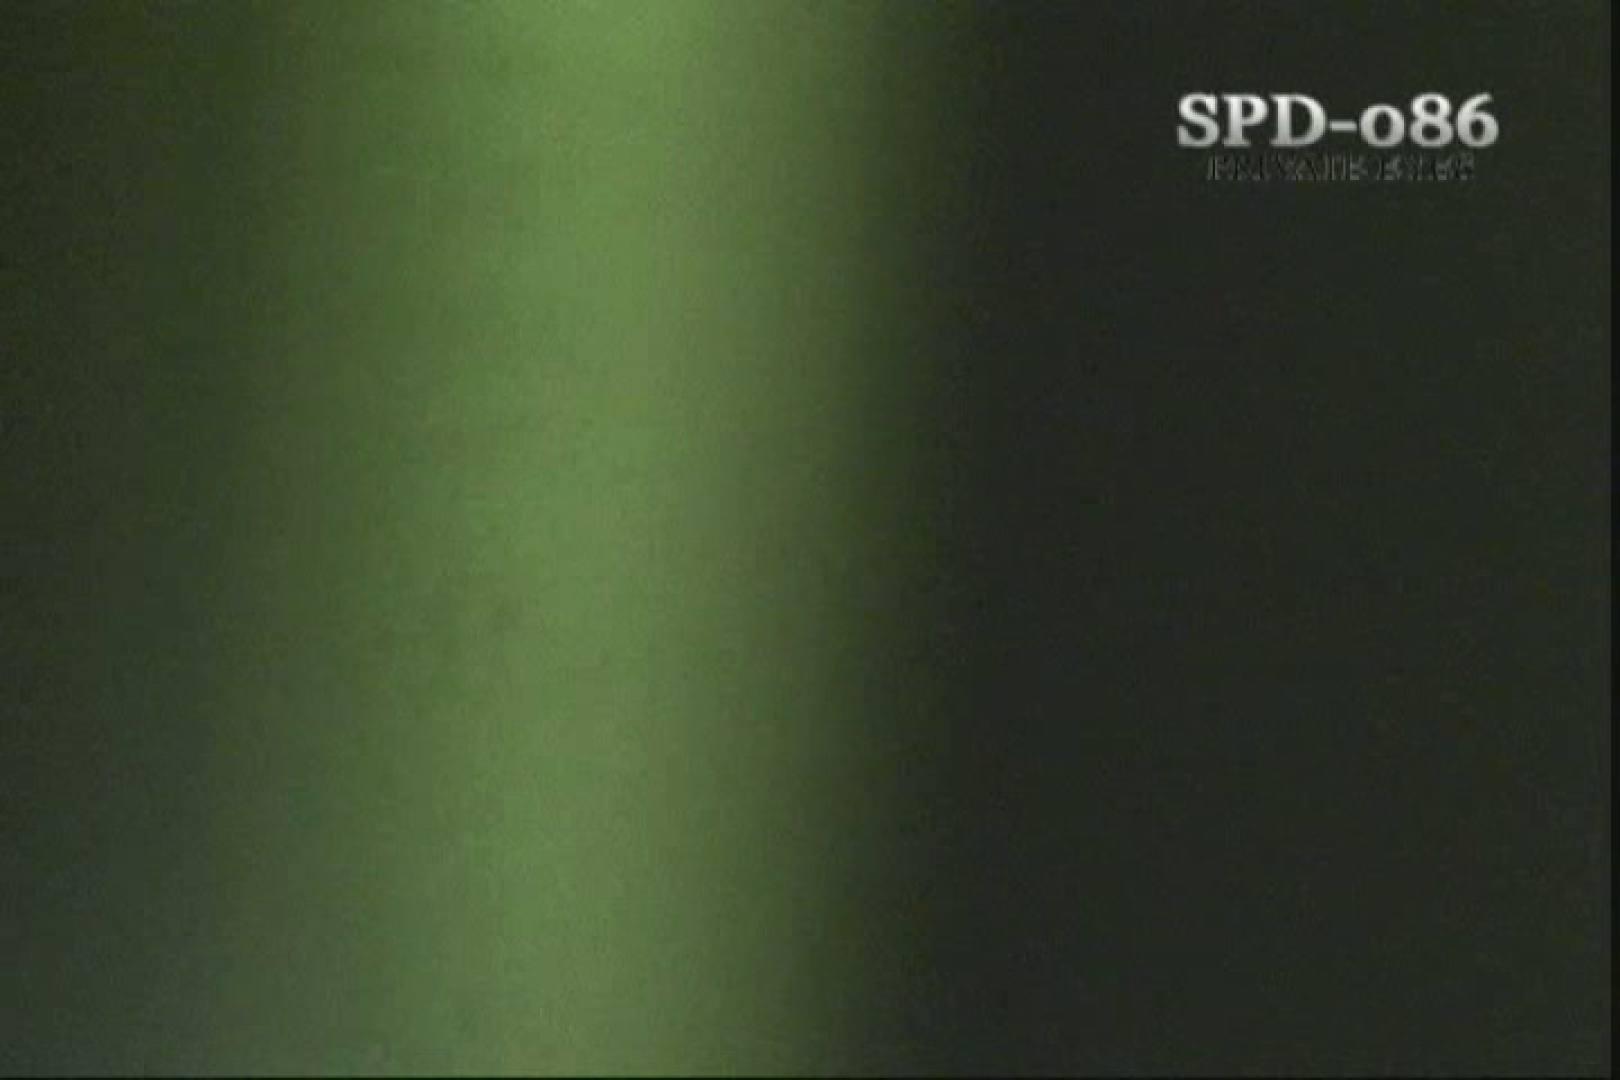 高画質版!SPD-086 盗撮・厠の隙間 3 ~厠盗撮に革命前代未分の映像~ 高画質  28連発 20